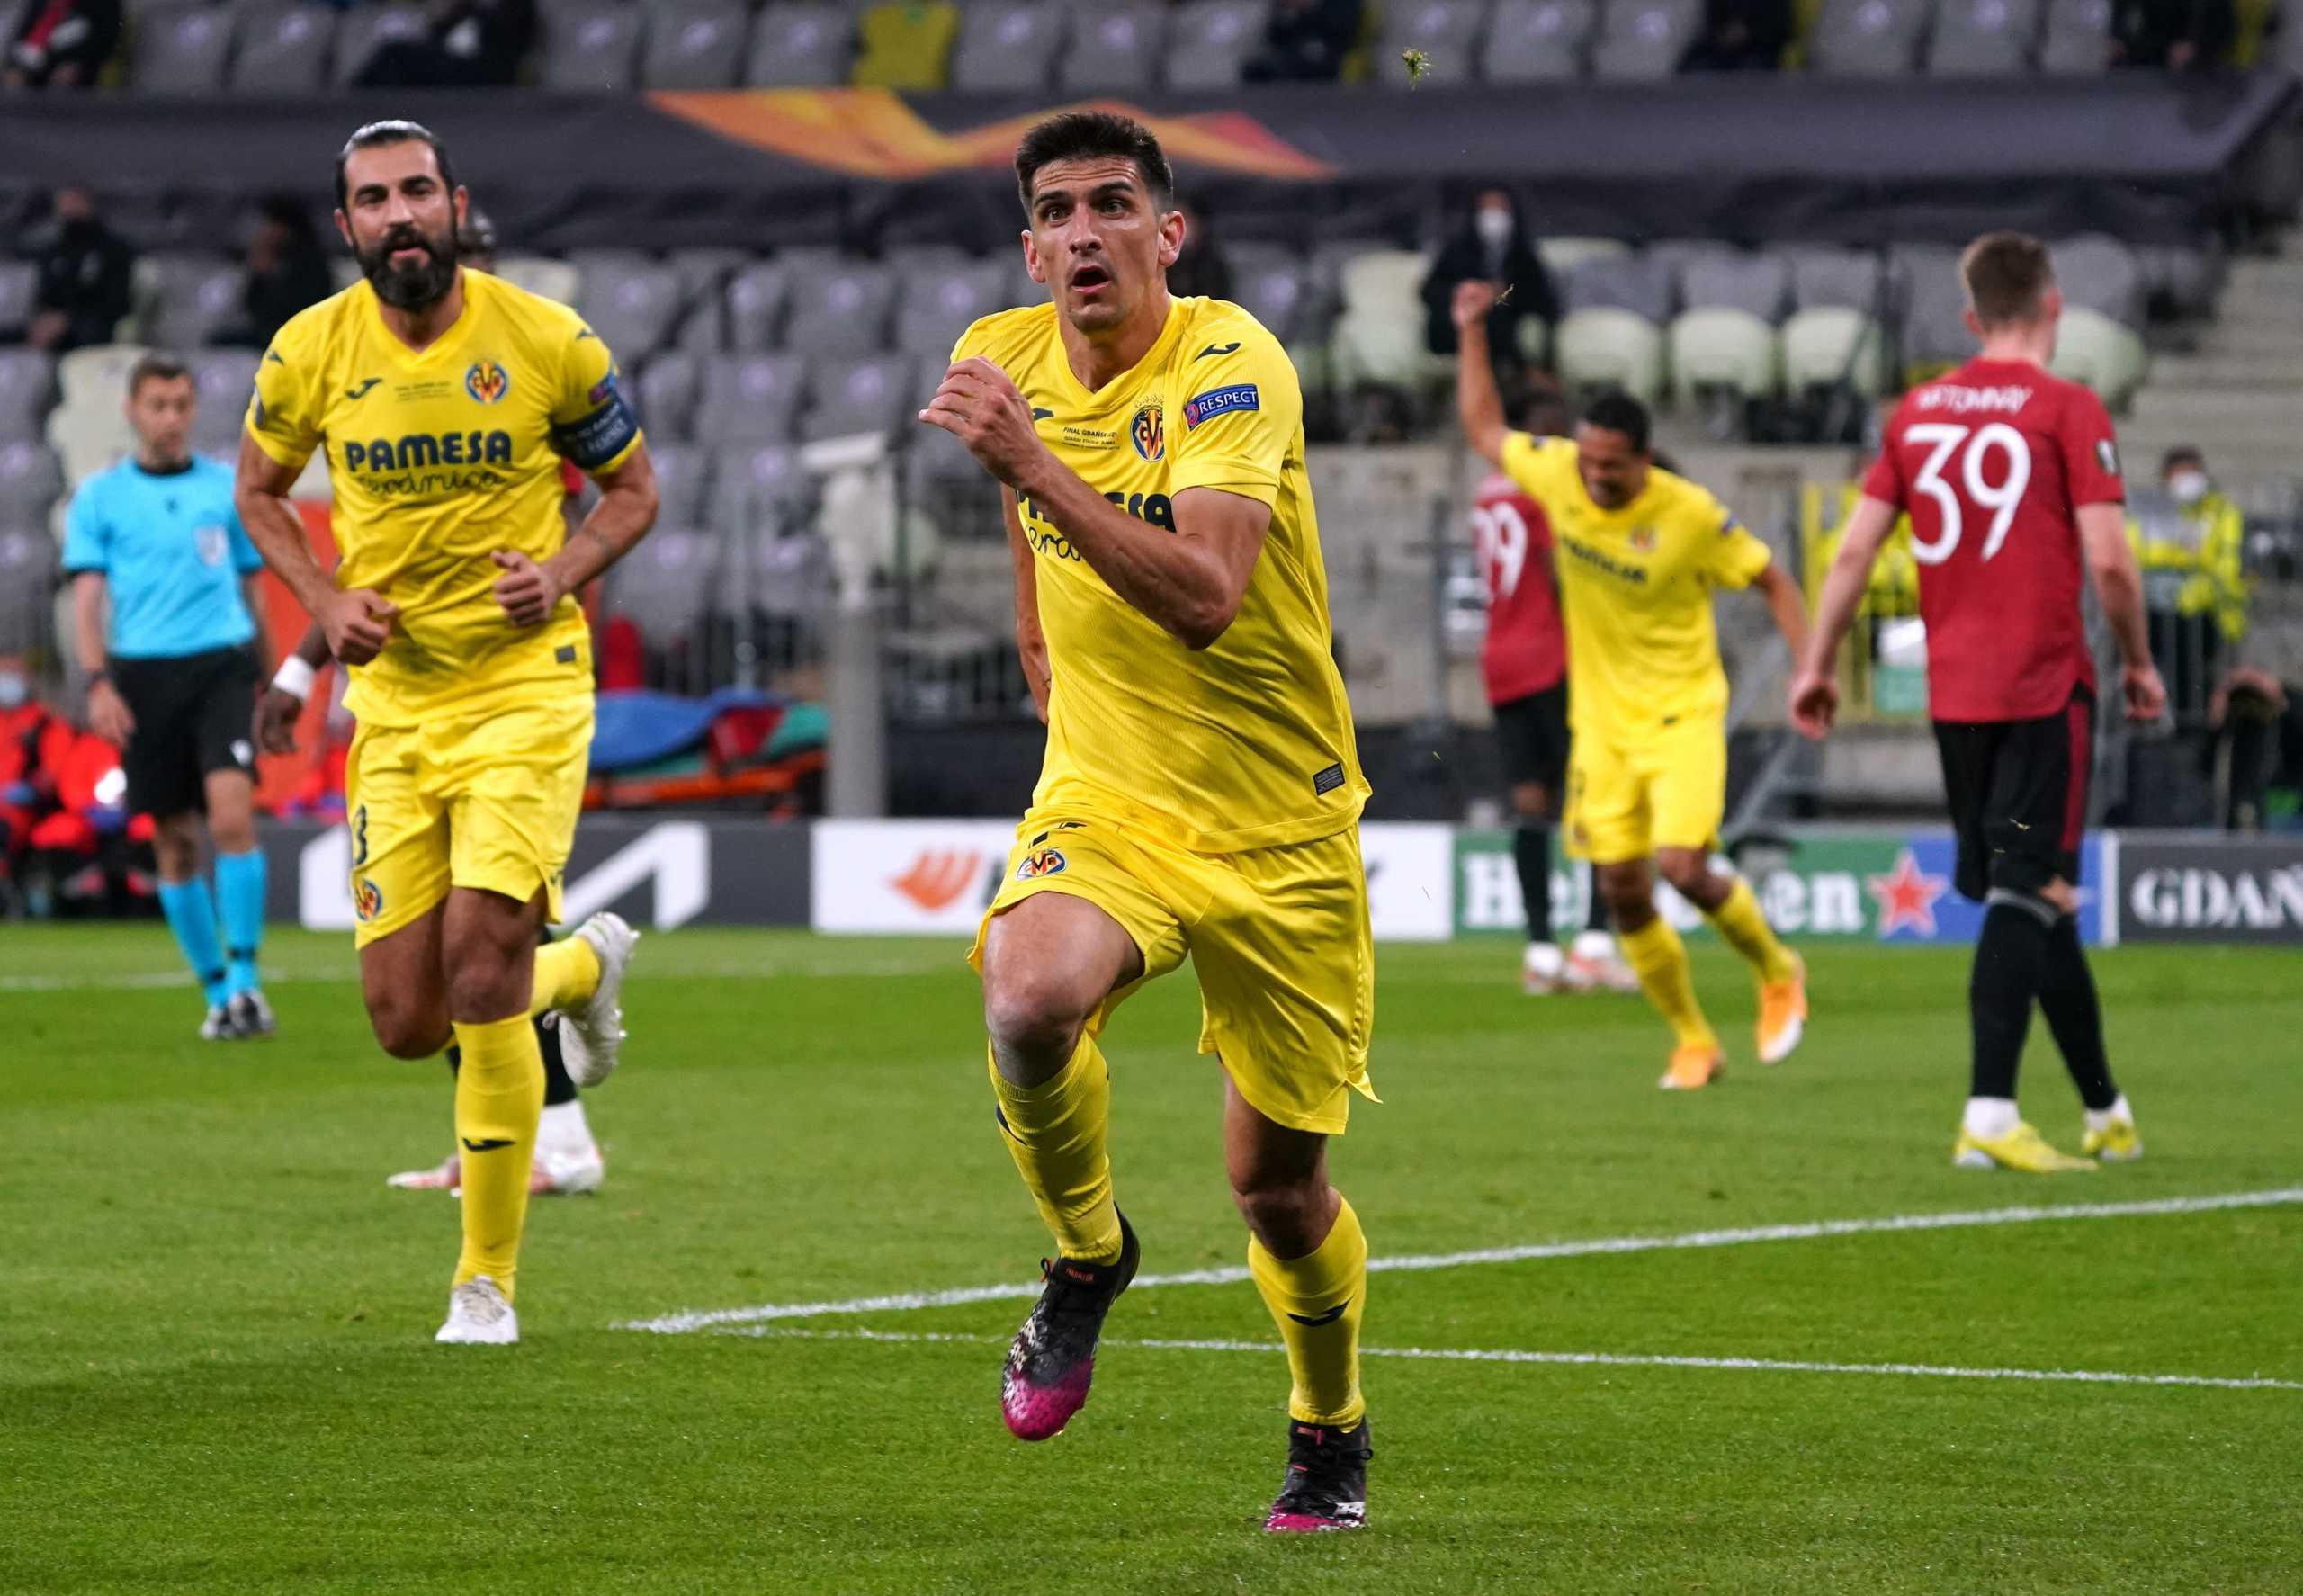 Βιγιαρεάλ – Γιουνάιτεντ: «Βασιλιάς» Έμερι κατέκτησε στα πέναλτι το Europa League με ήρωα τον Ρούλι